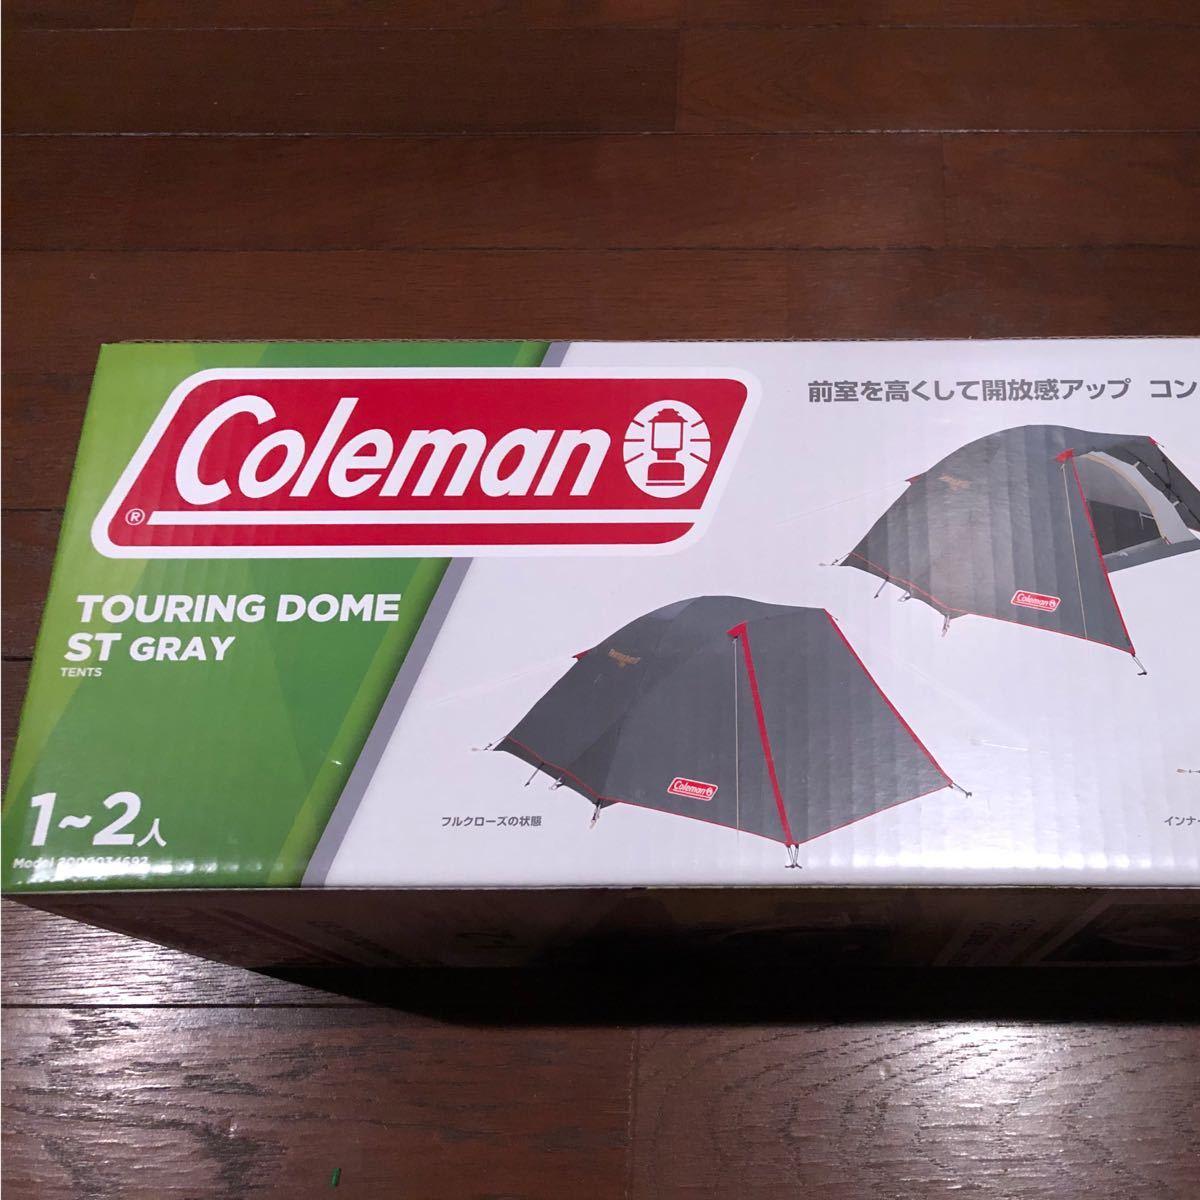 コールマン ツーリングドーム ST GRAY グレー 直営店限定カラー新品未開封品